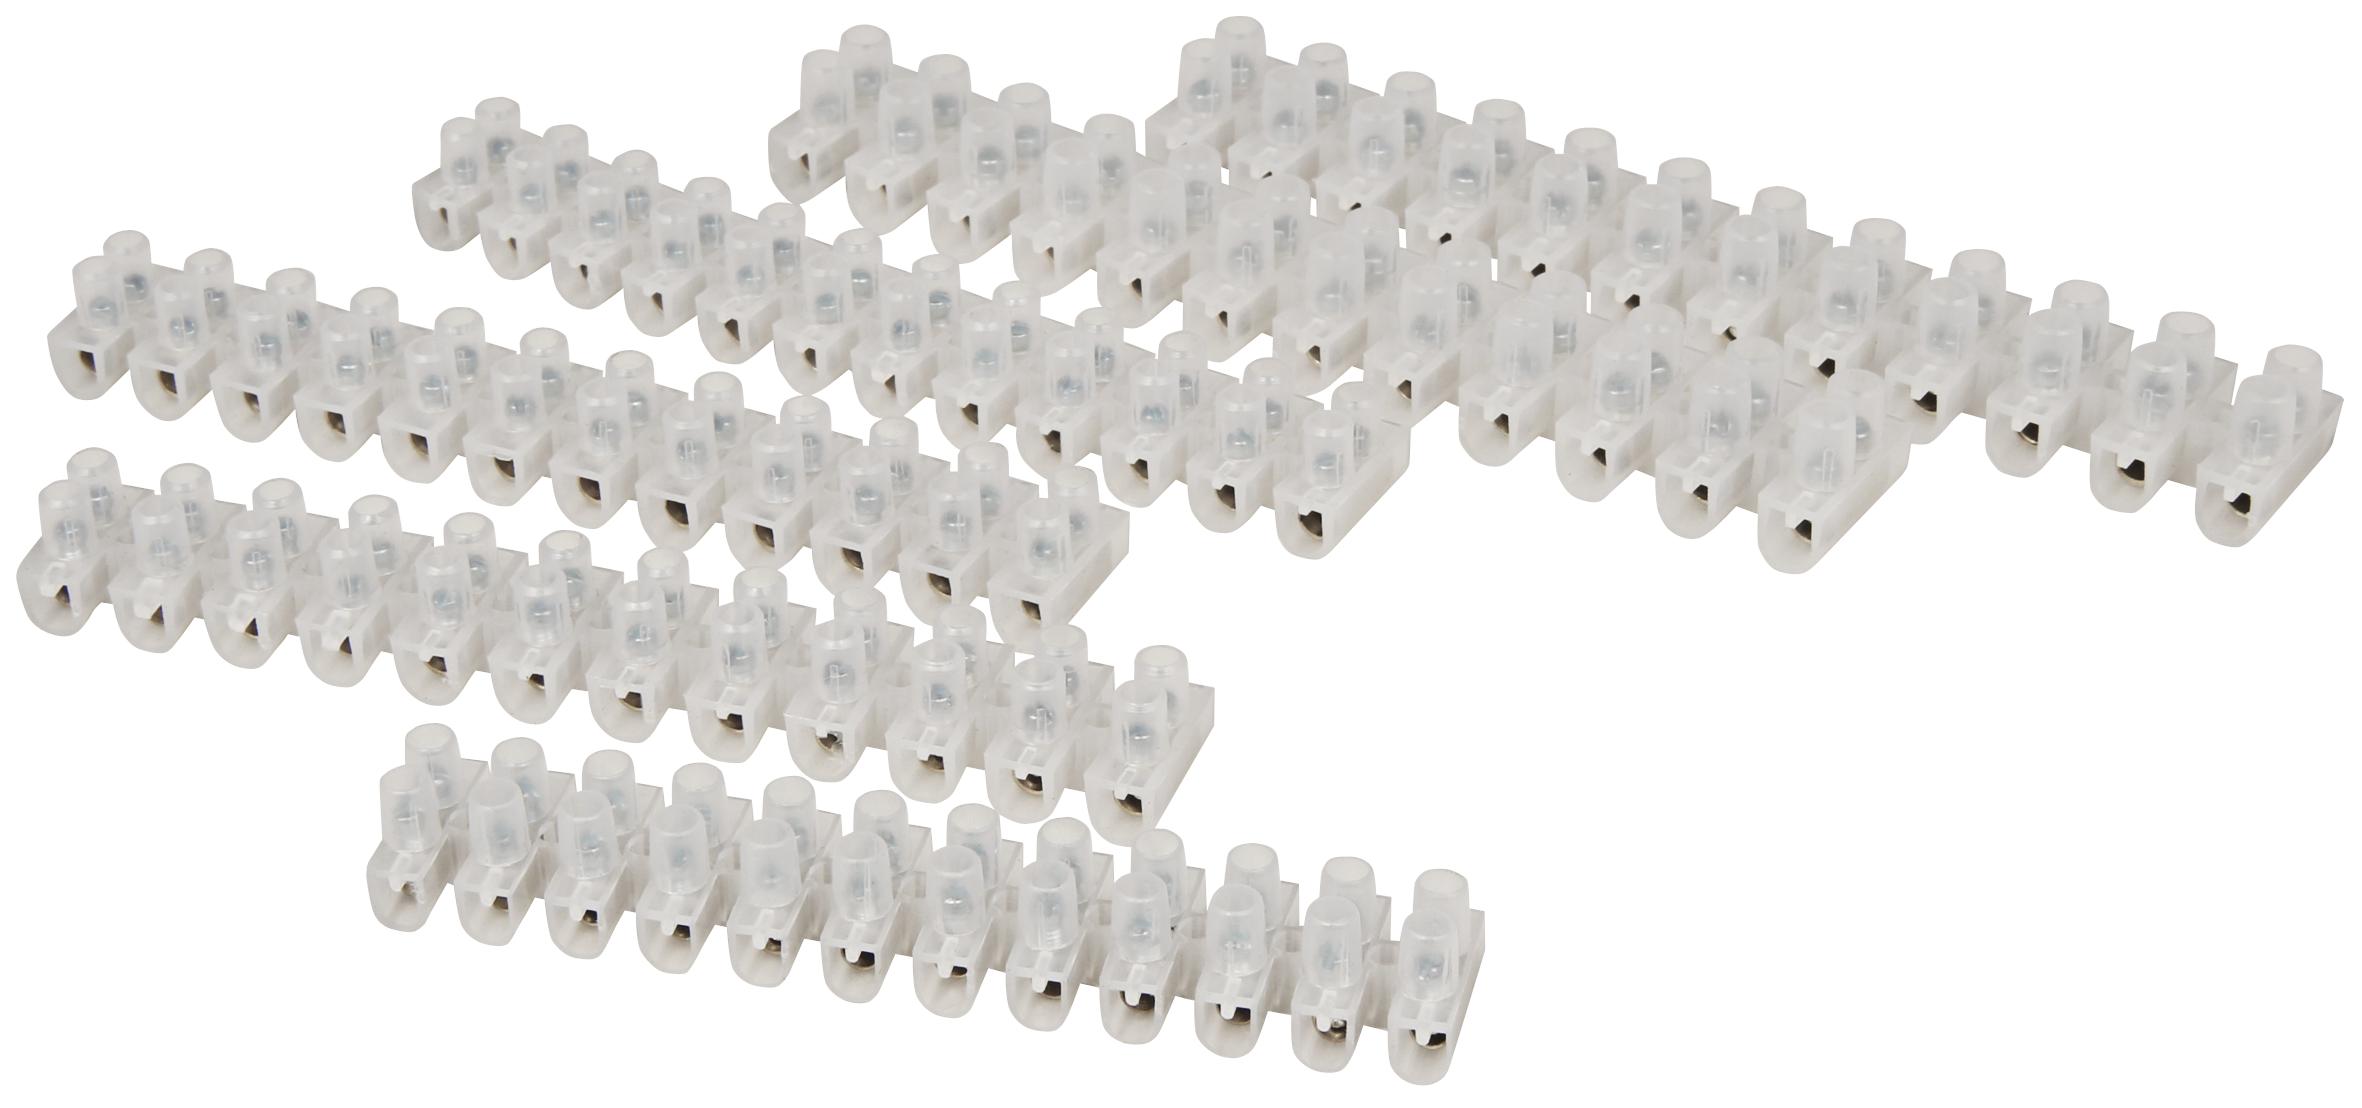 Lüsterklemmen-Sortiment McPower, 6-teilig: 1x4A, 3x6A, 2x10A, jeweils 12 Klemmen